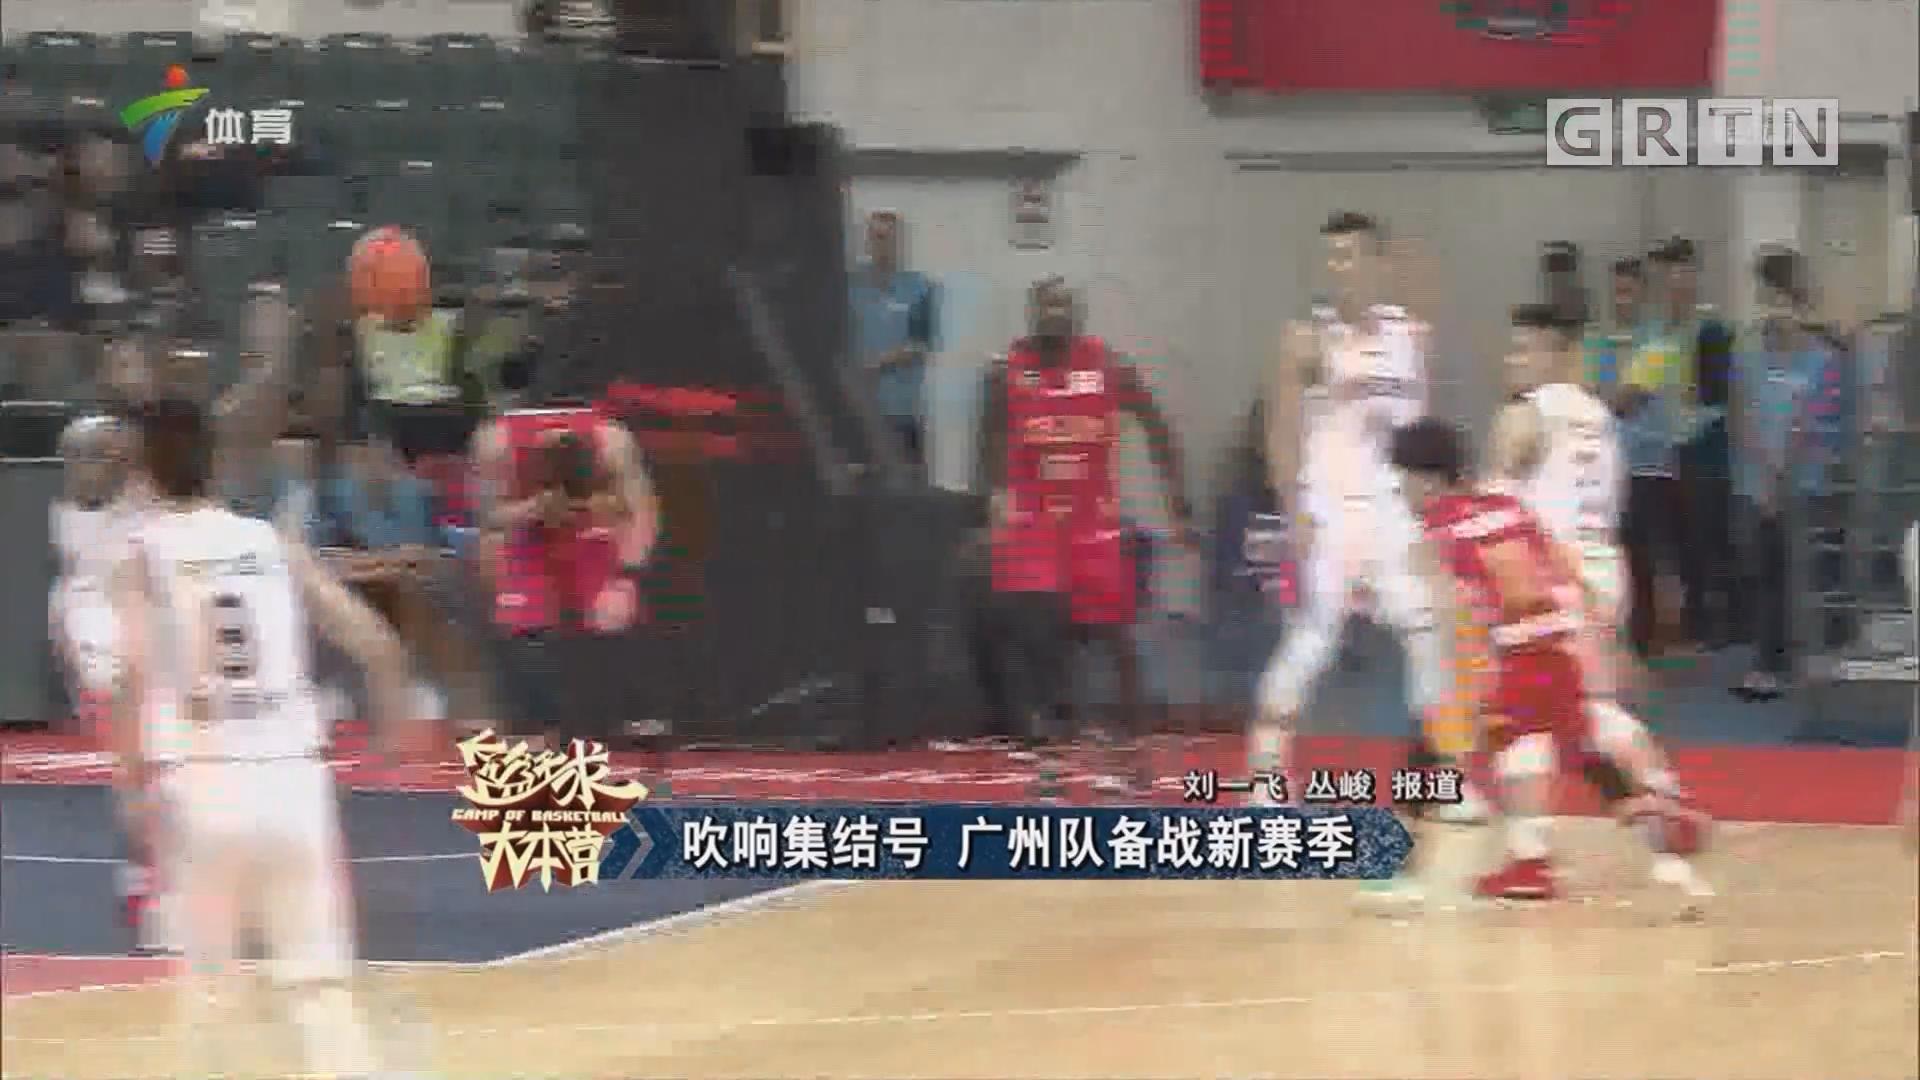 吹响集结号 广州队备战新赛季